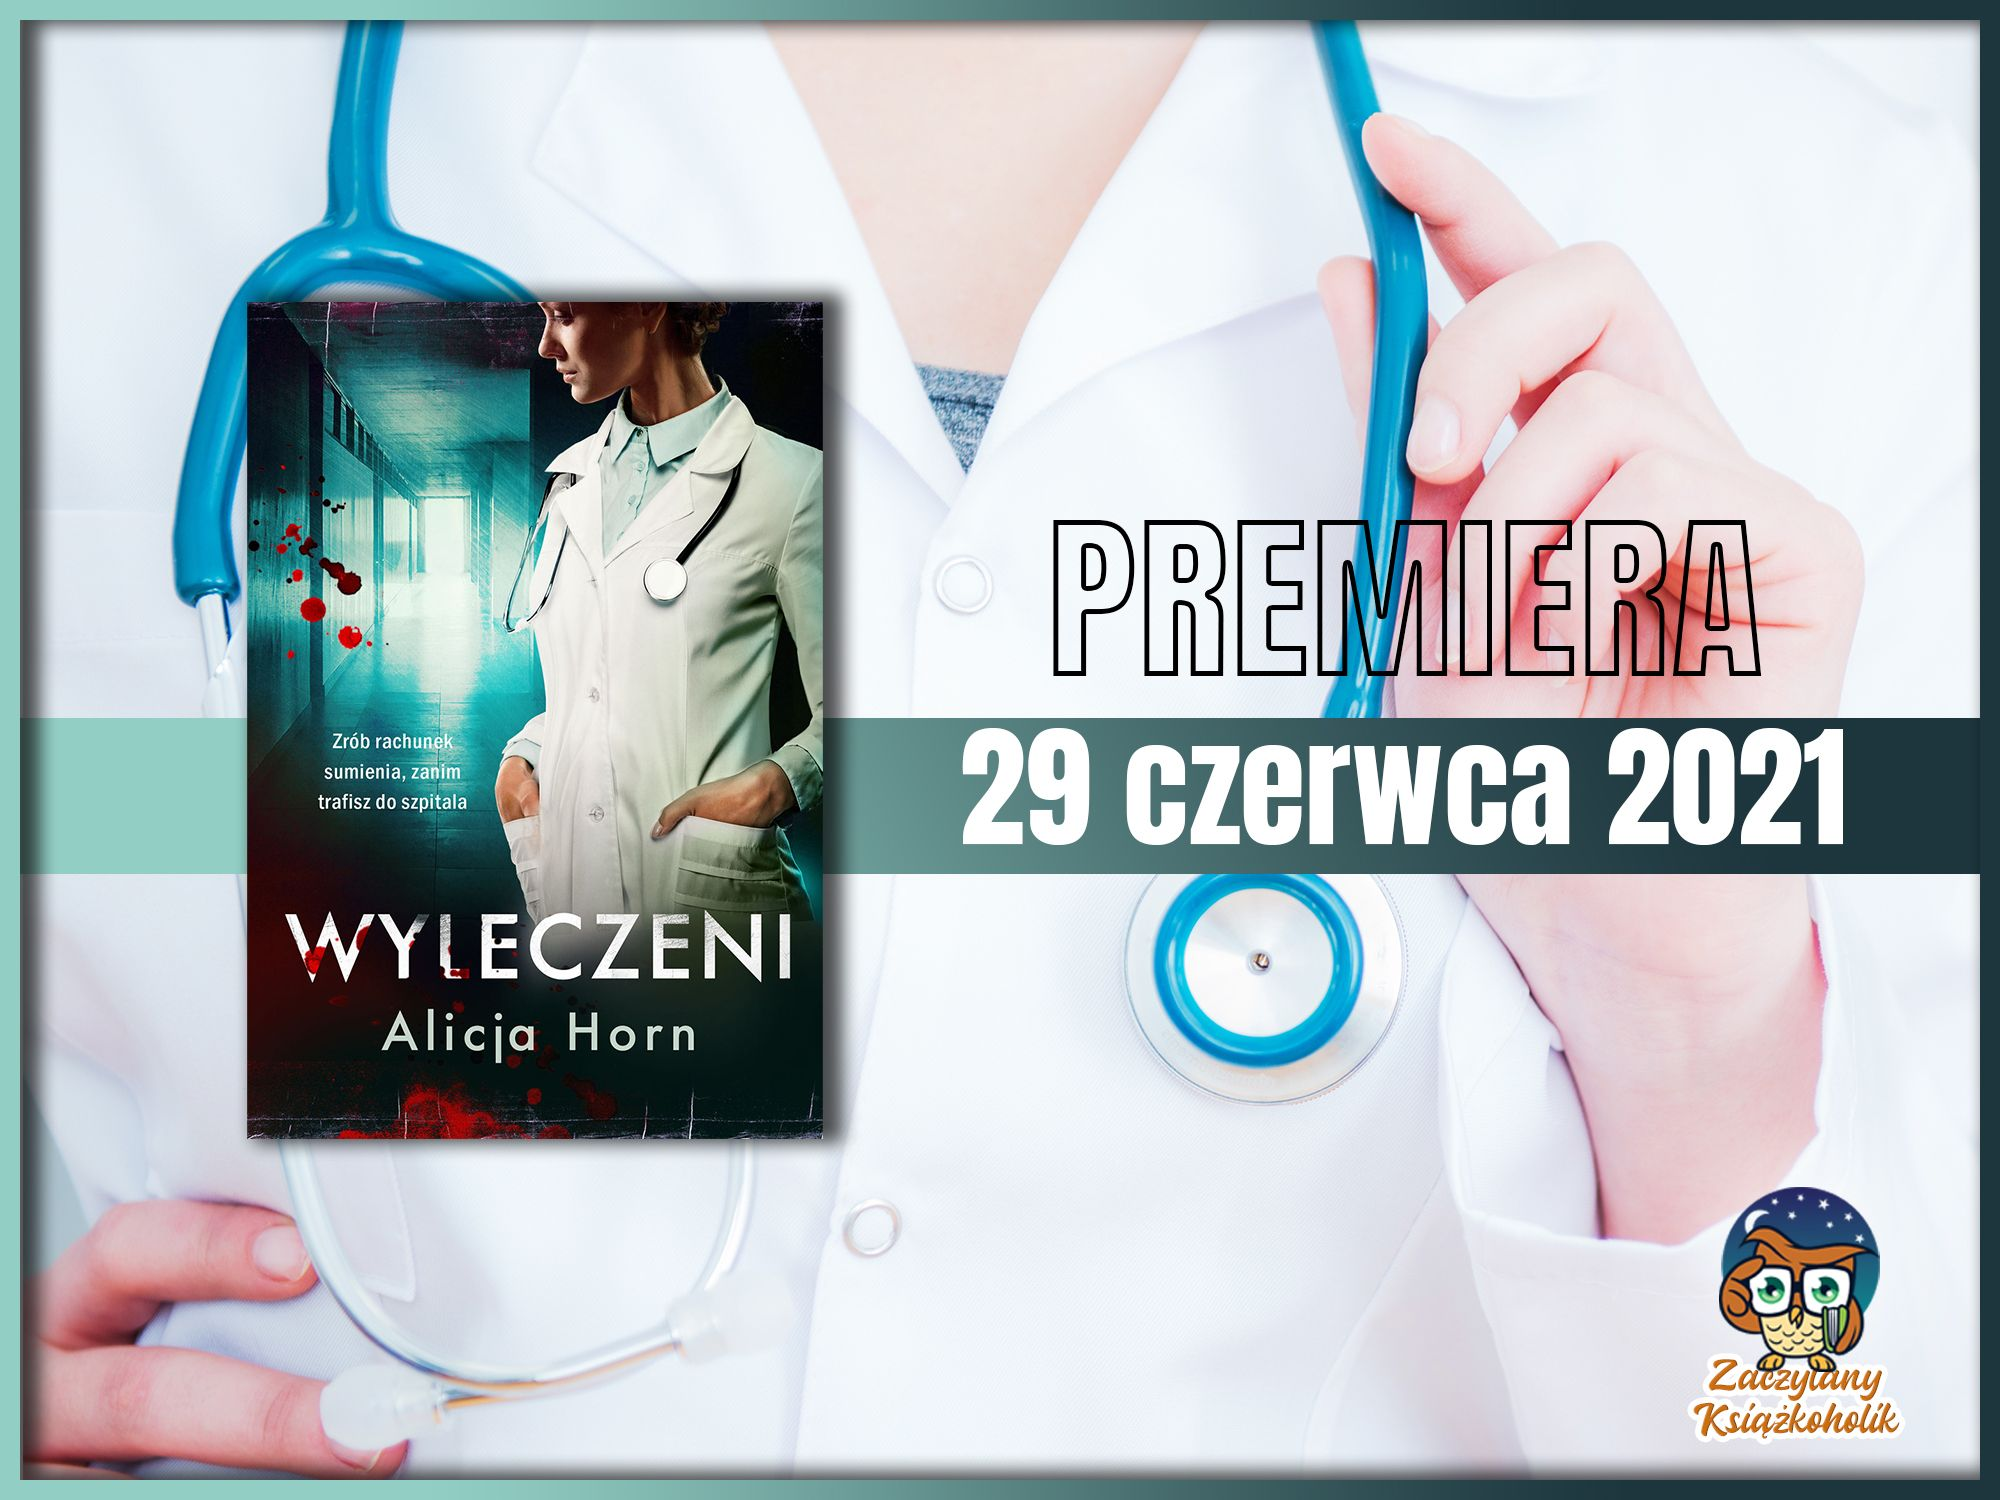 Wyleczeni, Alicja Horn, zaczytanyksiazkoholik.pl